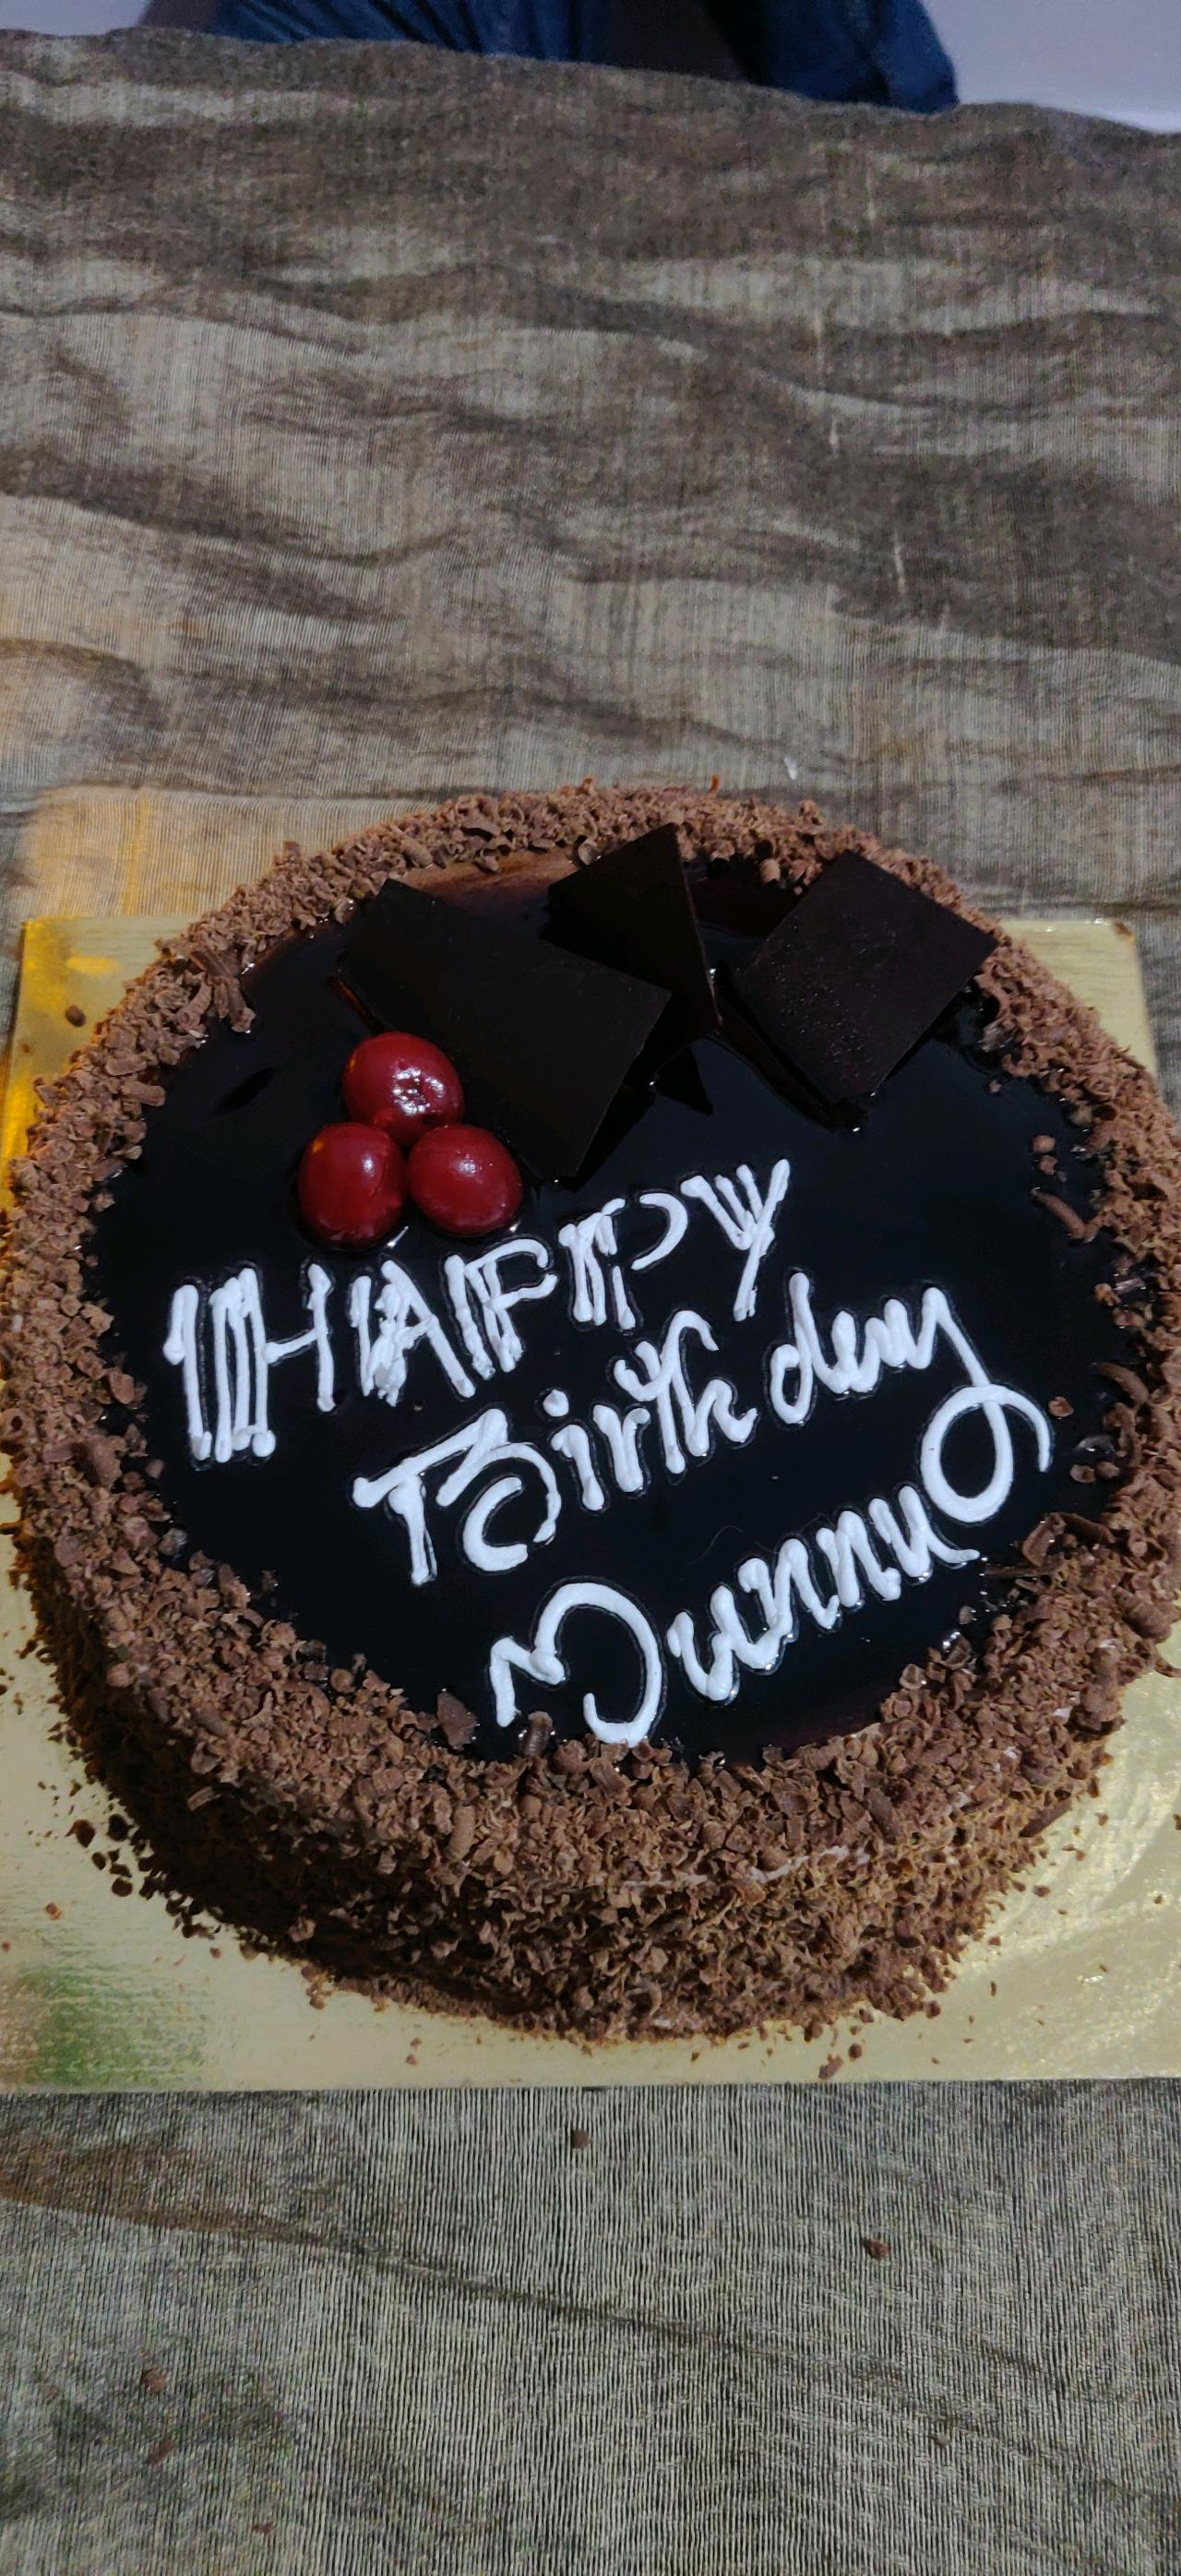 #happy bday munnu❤️ #chocolate cake❤️😍